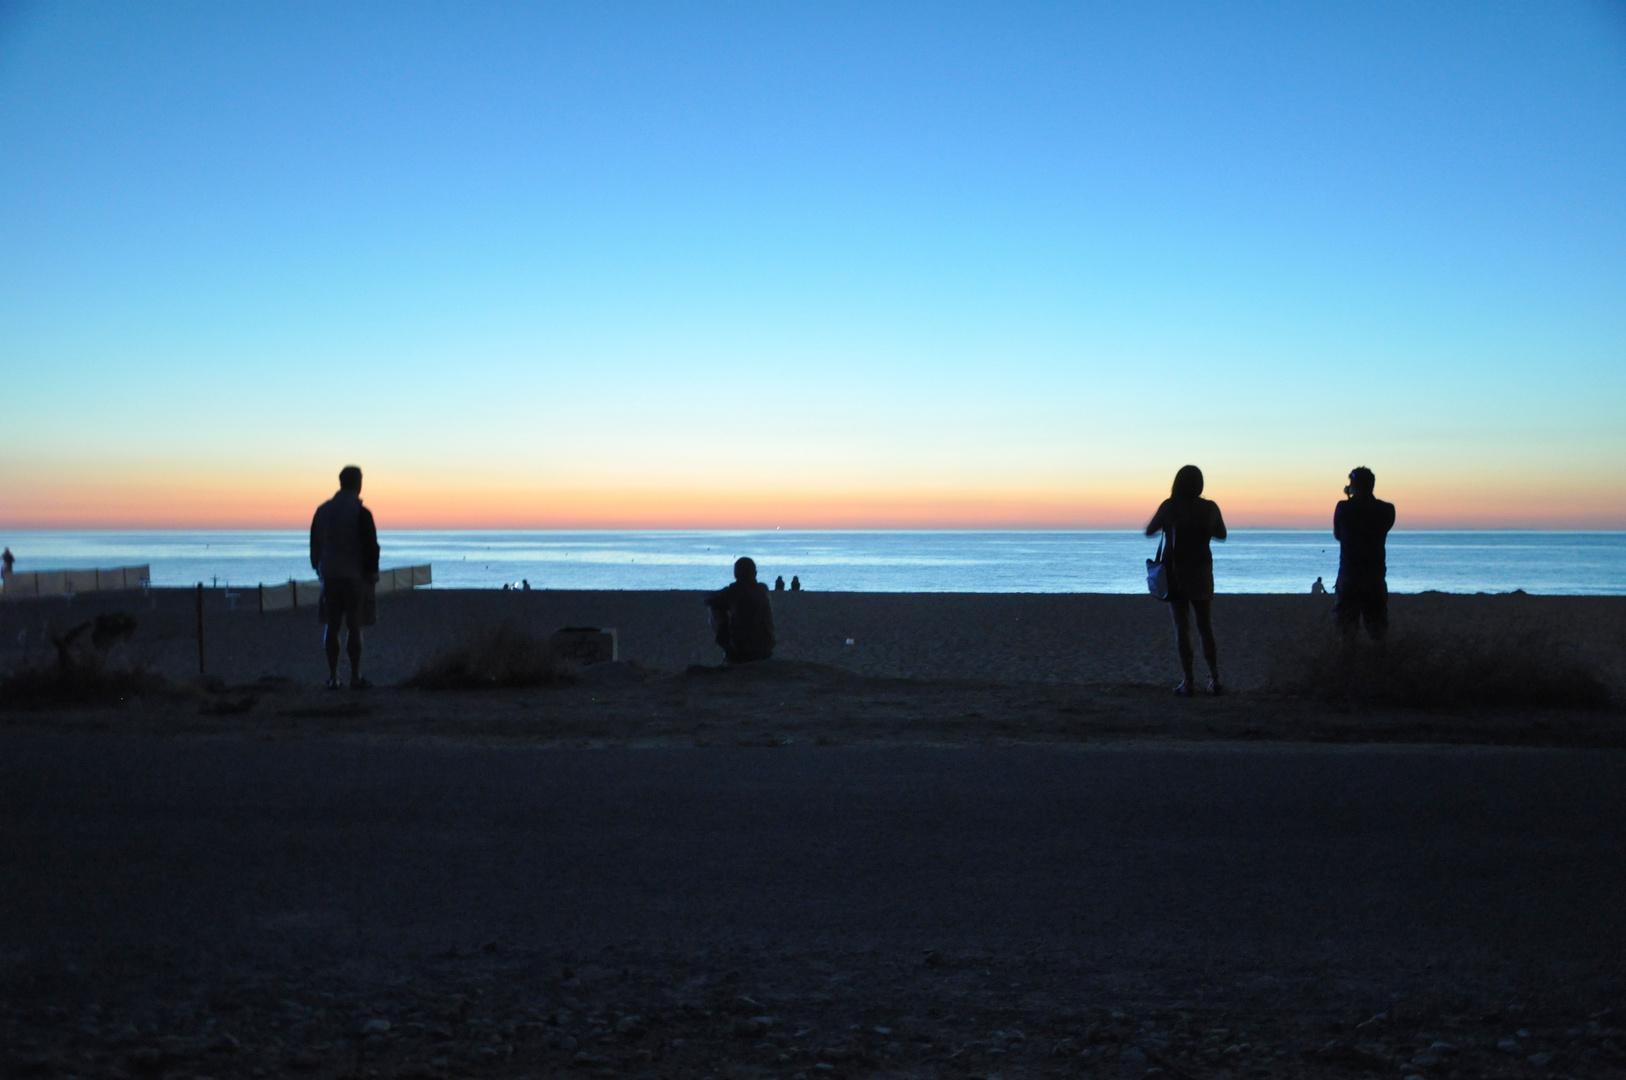 ... nach dem Sonnenuntergang